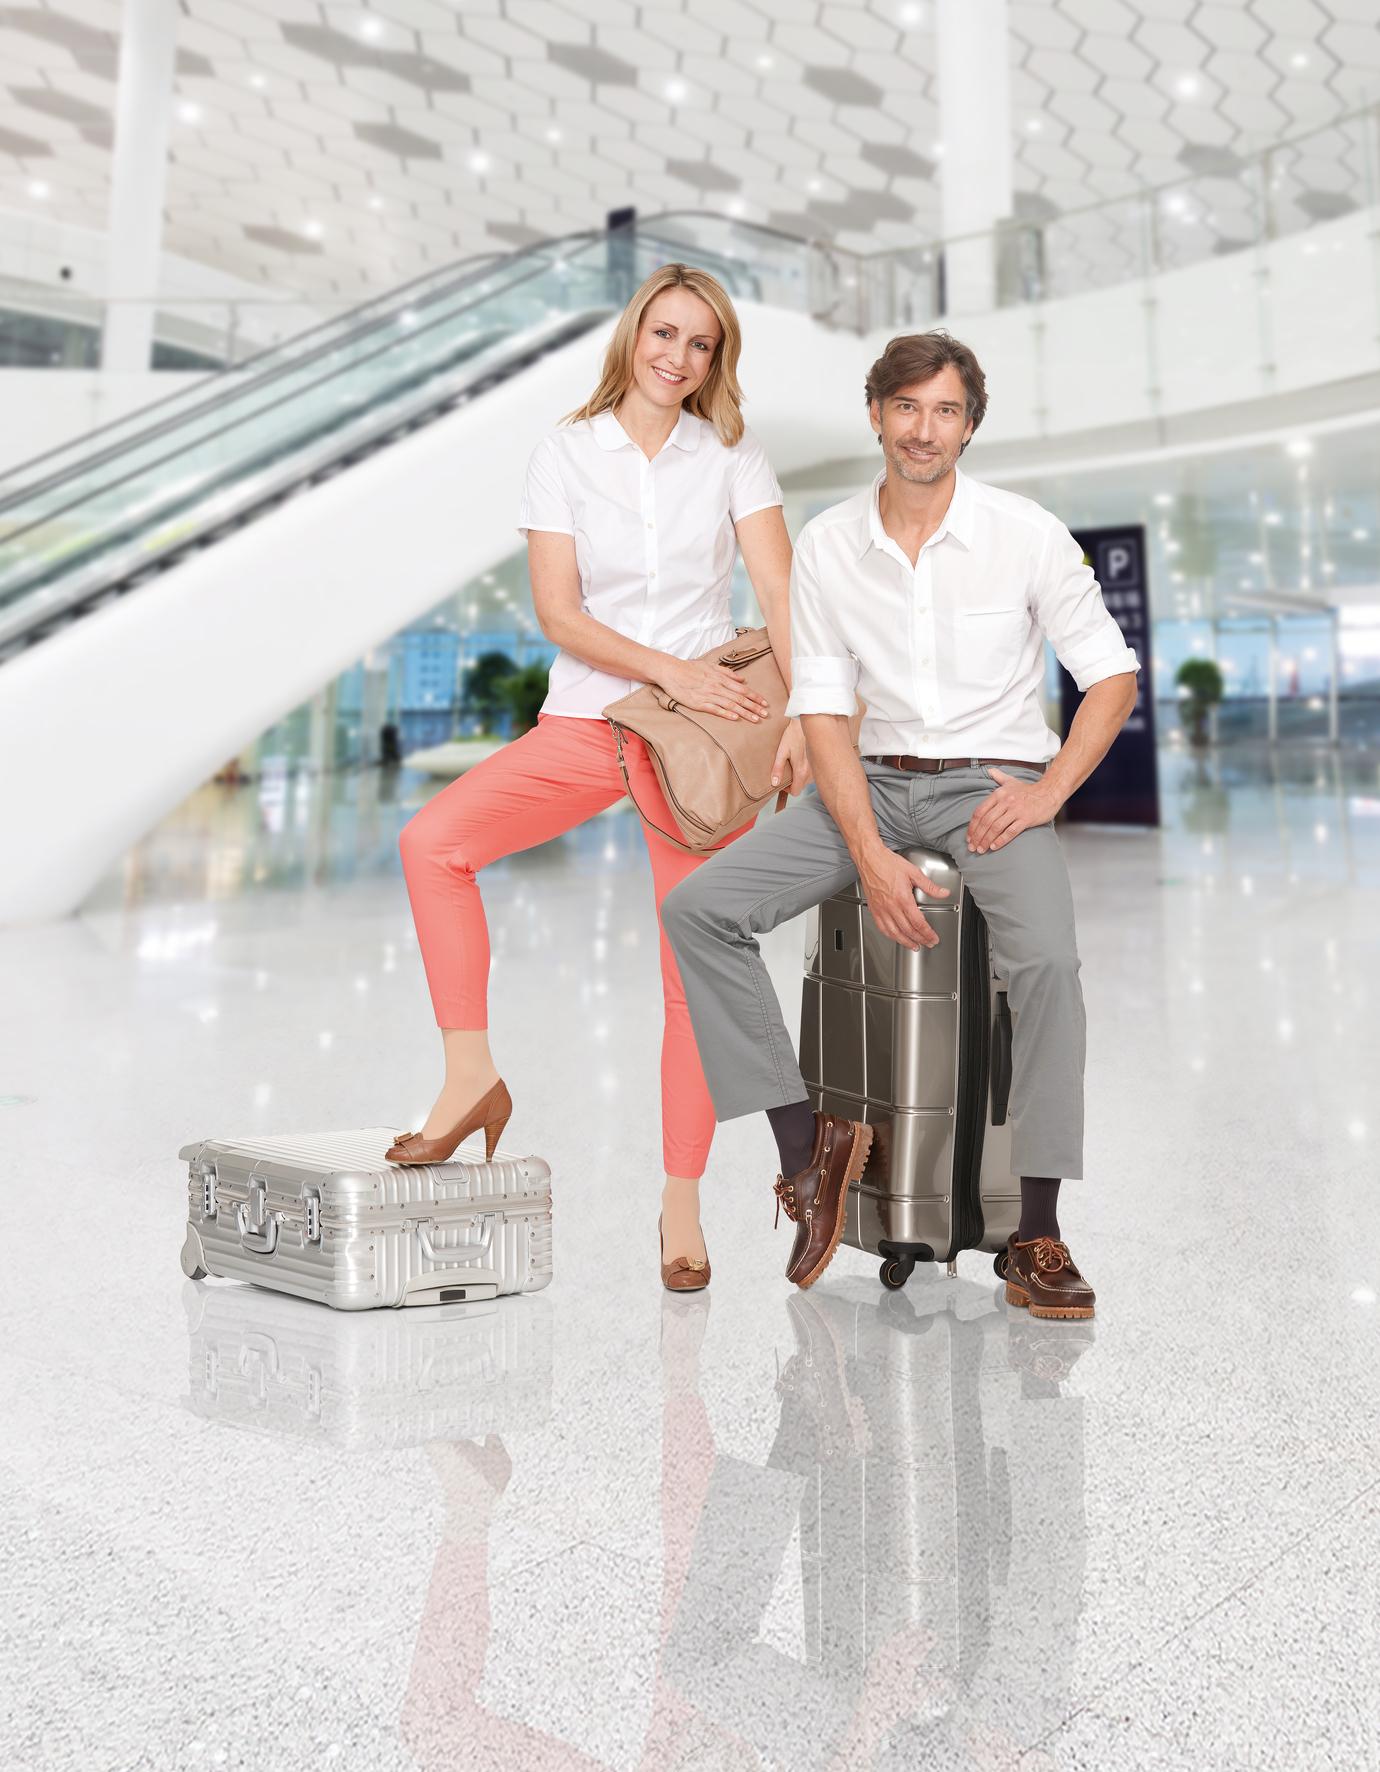 medi-travel-woman-man-Flughafen-IM-Blow-up